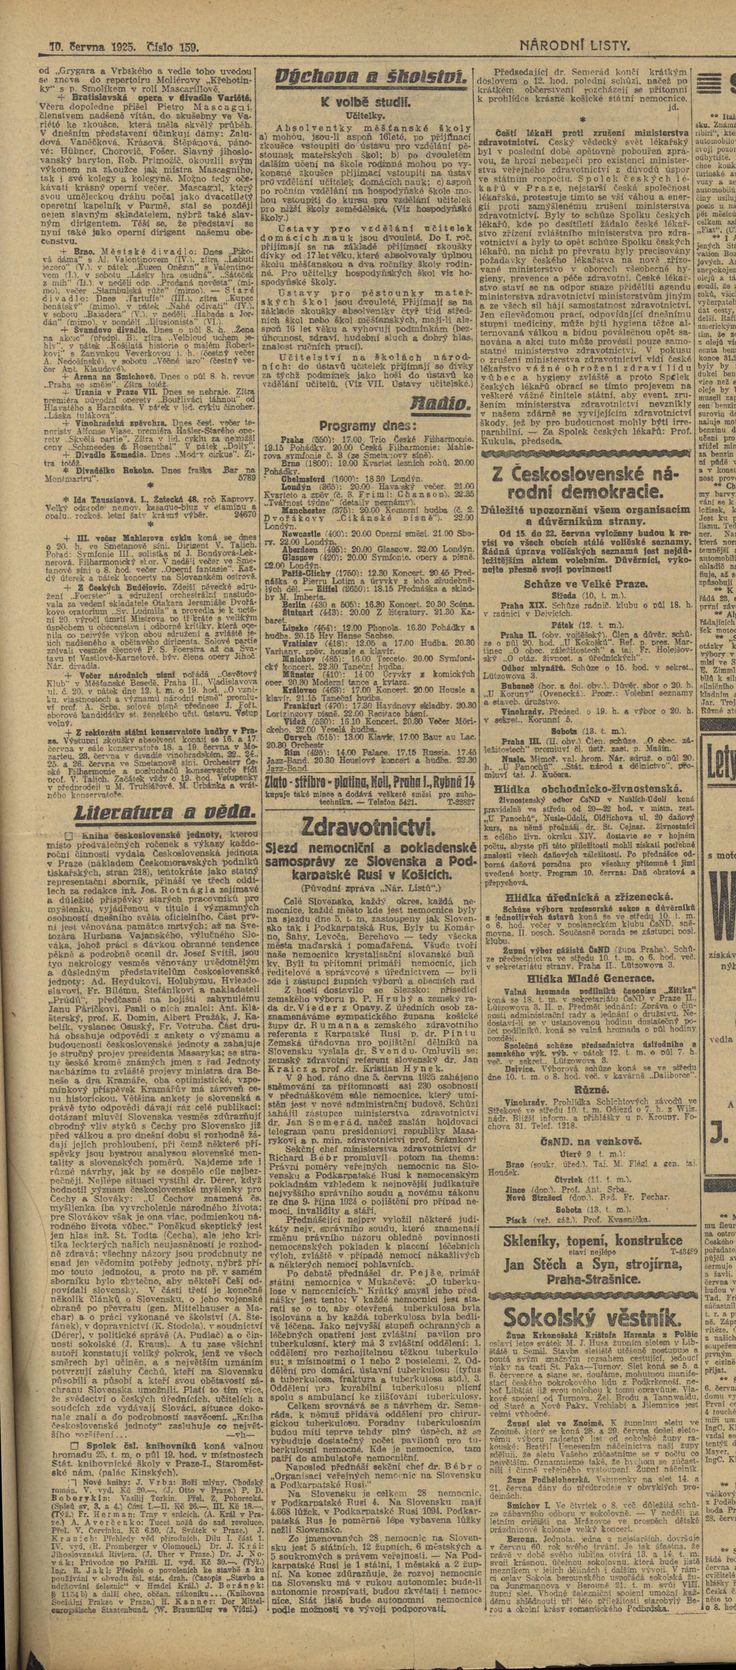 Národní listy, 10.6.1925